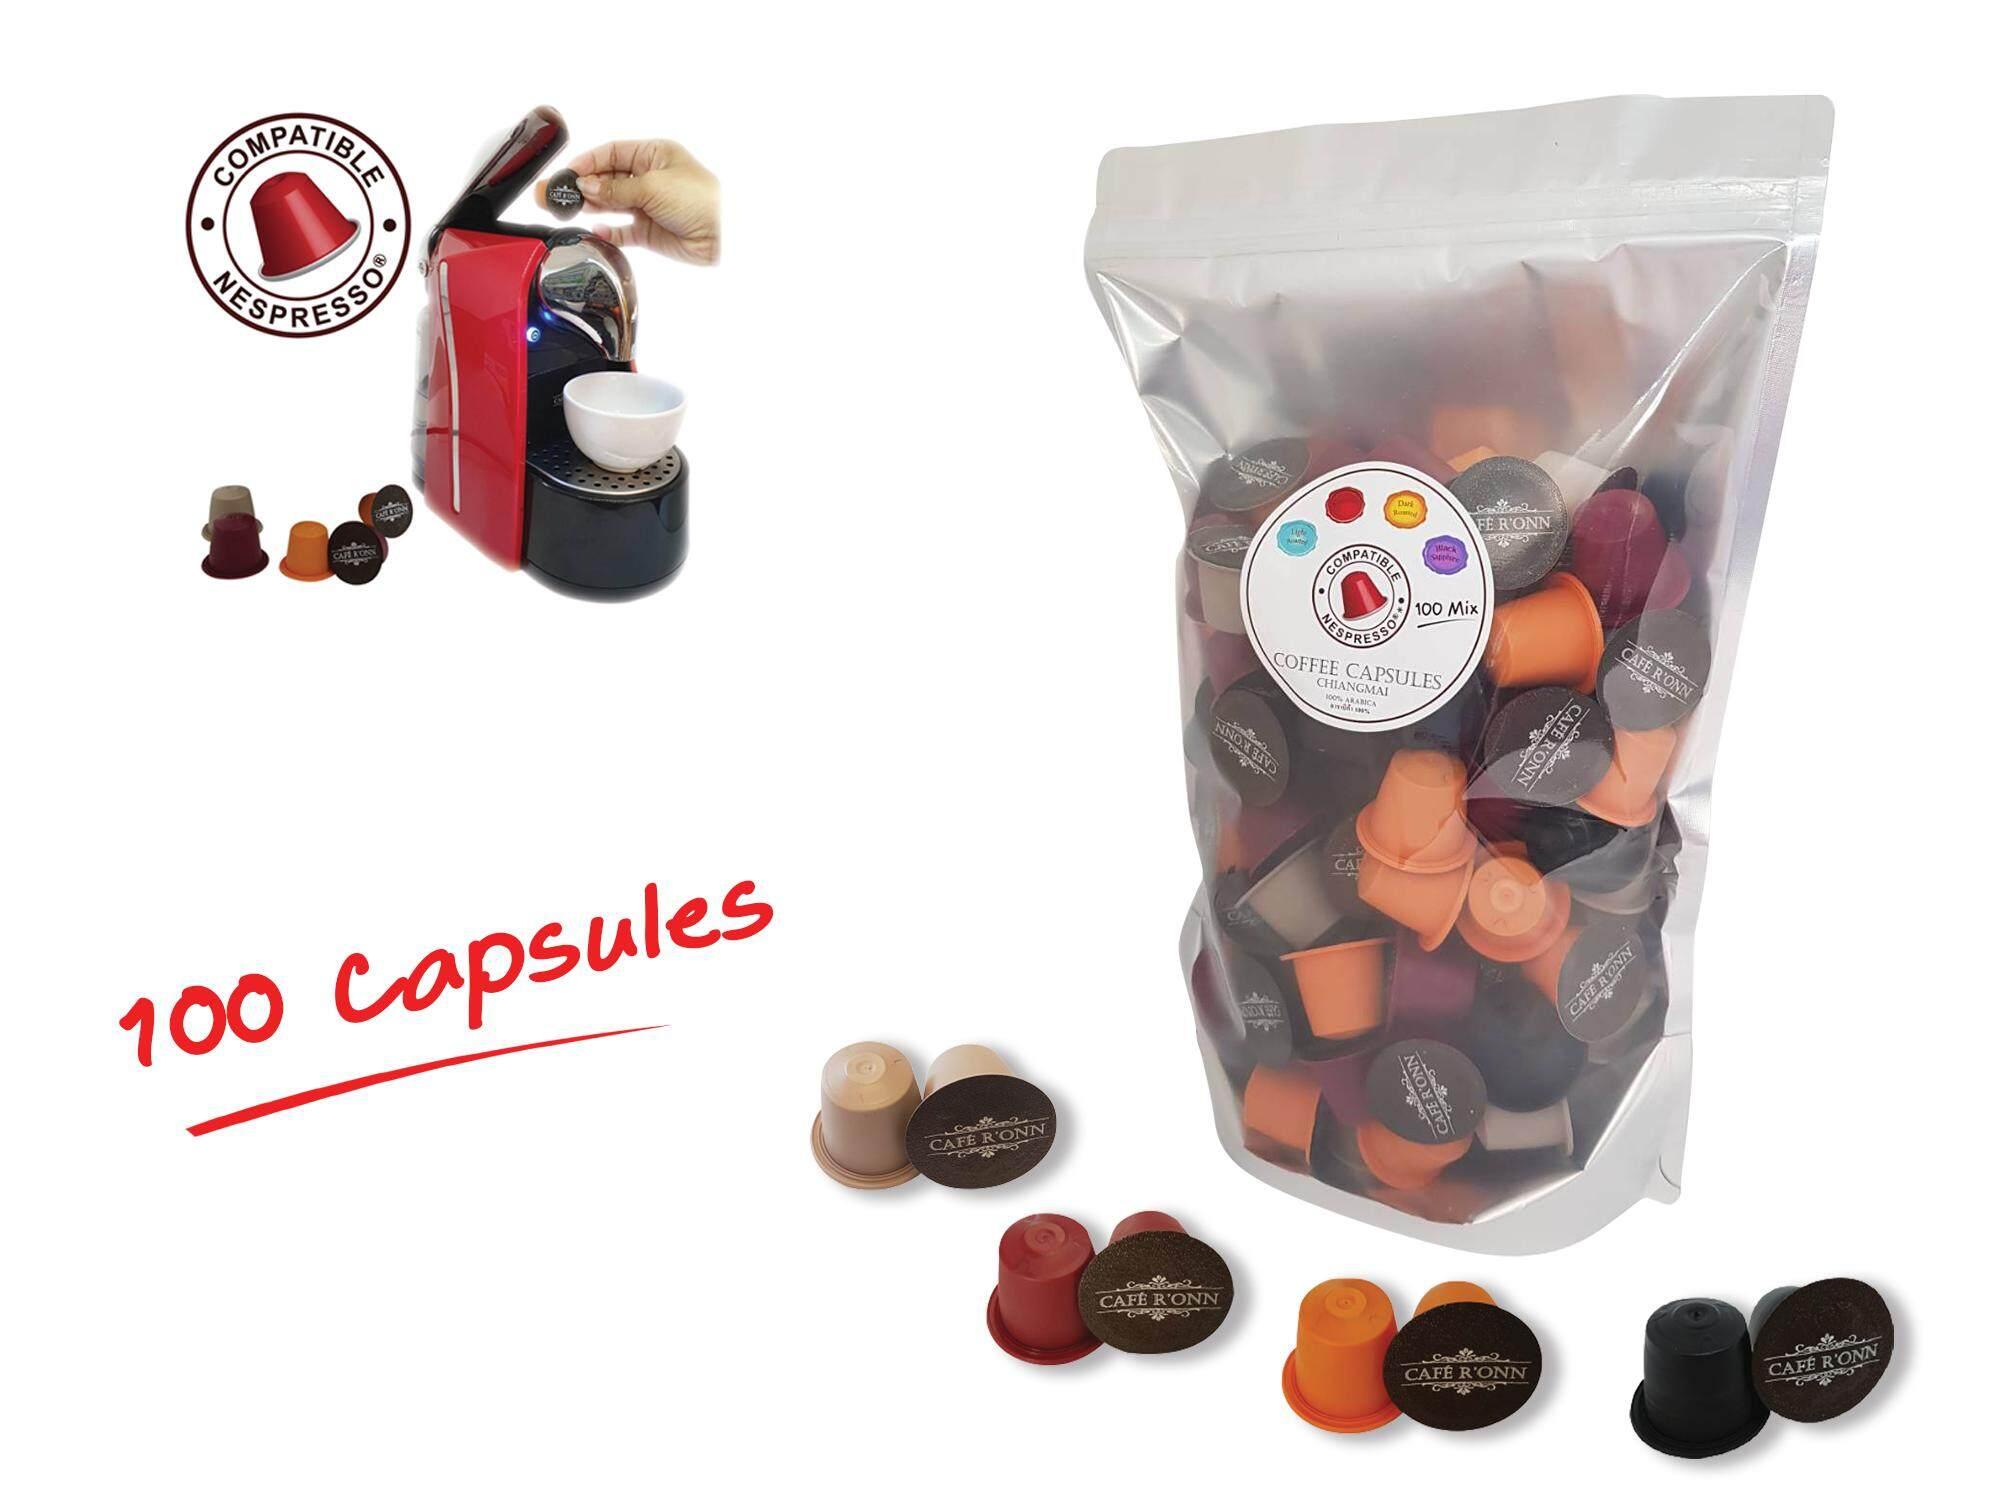 แคปซูลกาแฟ Cafe Ronn อาราบิก้า100% คละรส 25 คั่วอ่อน, 25 กลาง, 25 เข้ม, 25 ดำ, 100 แคปซูล/ถุง สามารถใช้ร่วมกับเครื่อง Nespresso * ได้.